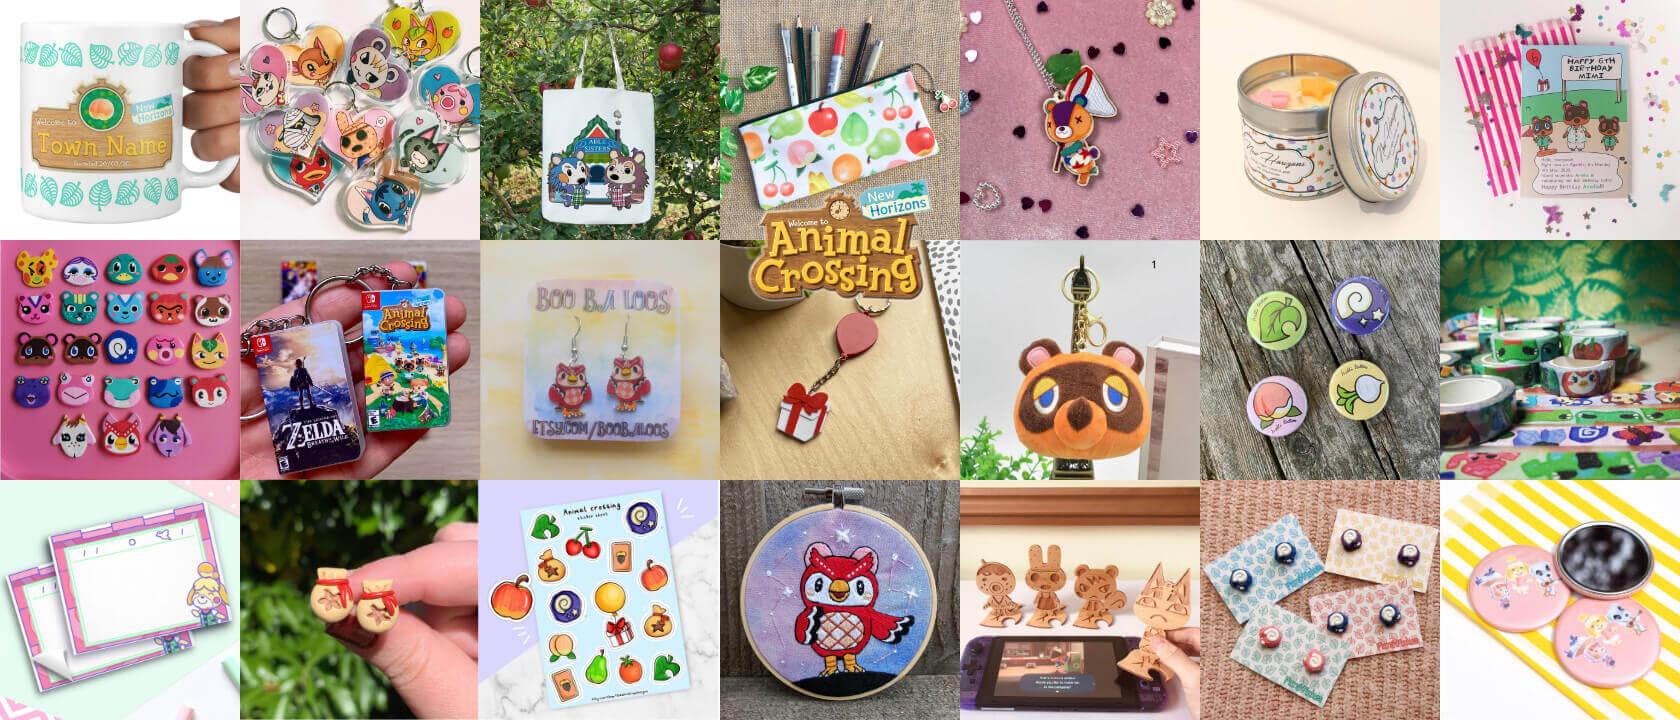 35 Amazing Animal Crossing Inspired Gifts Uk Mama Geek